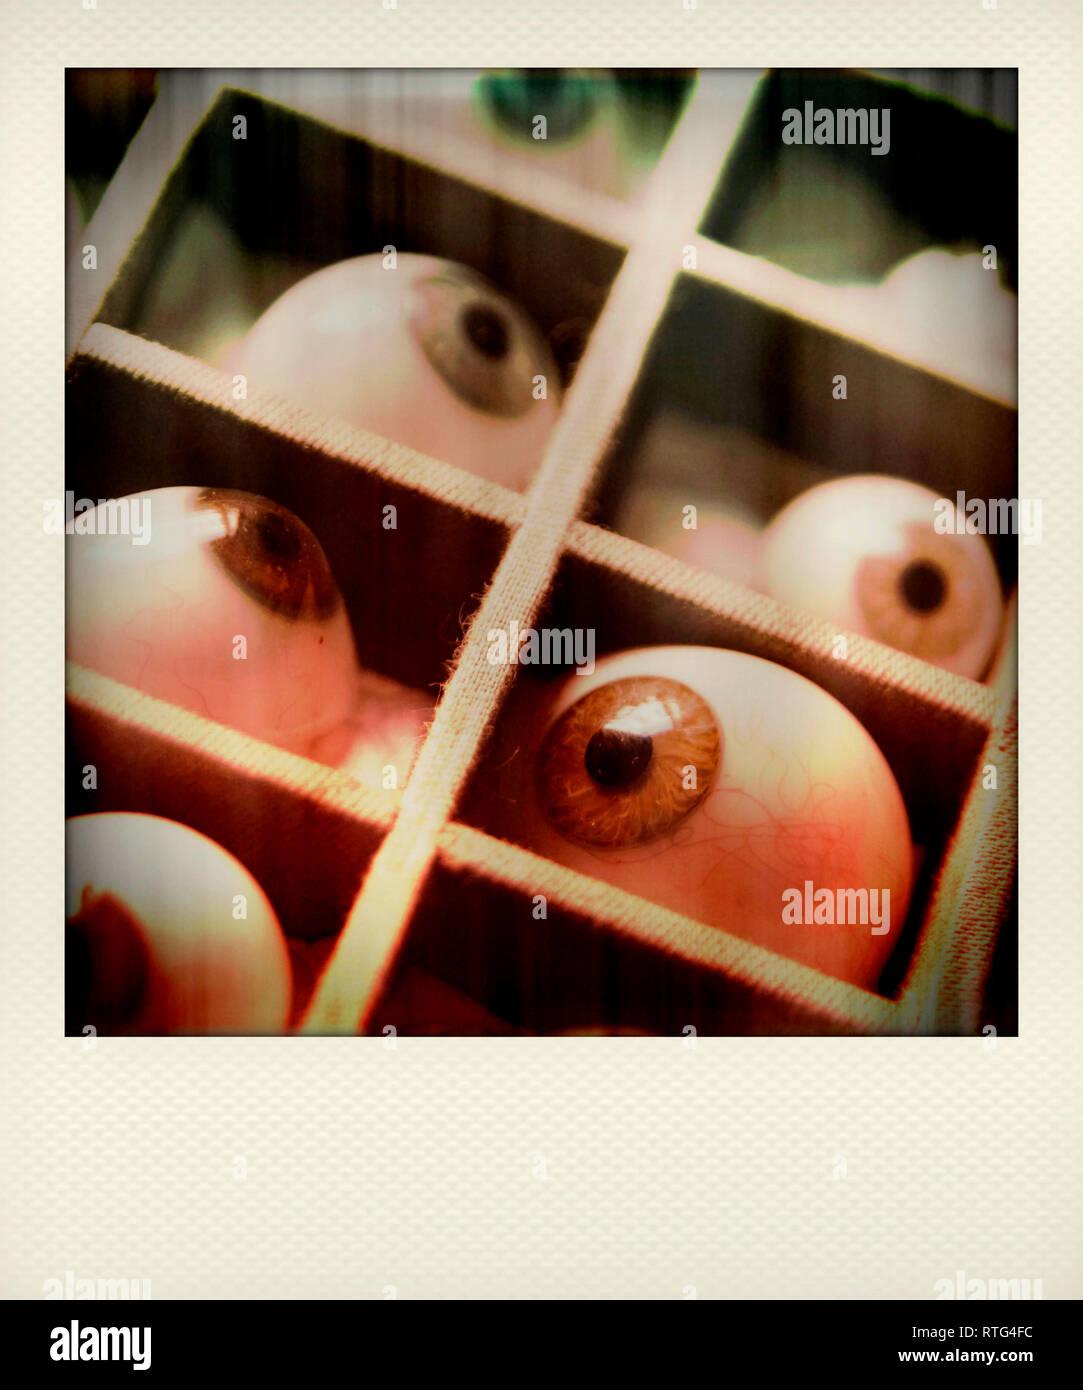 Fake eyes in boxes - Stock Image